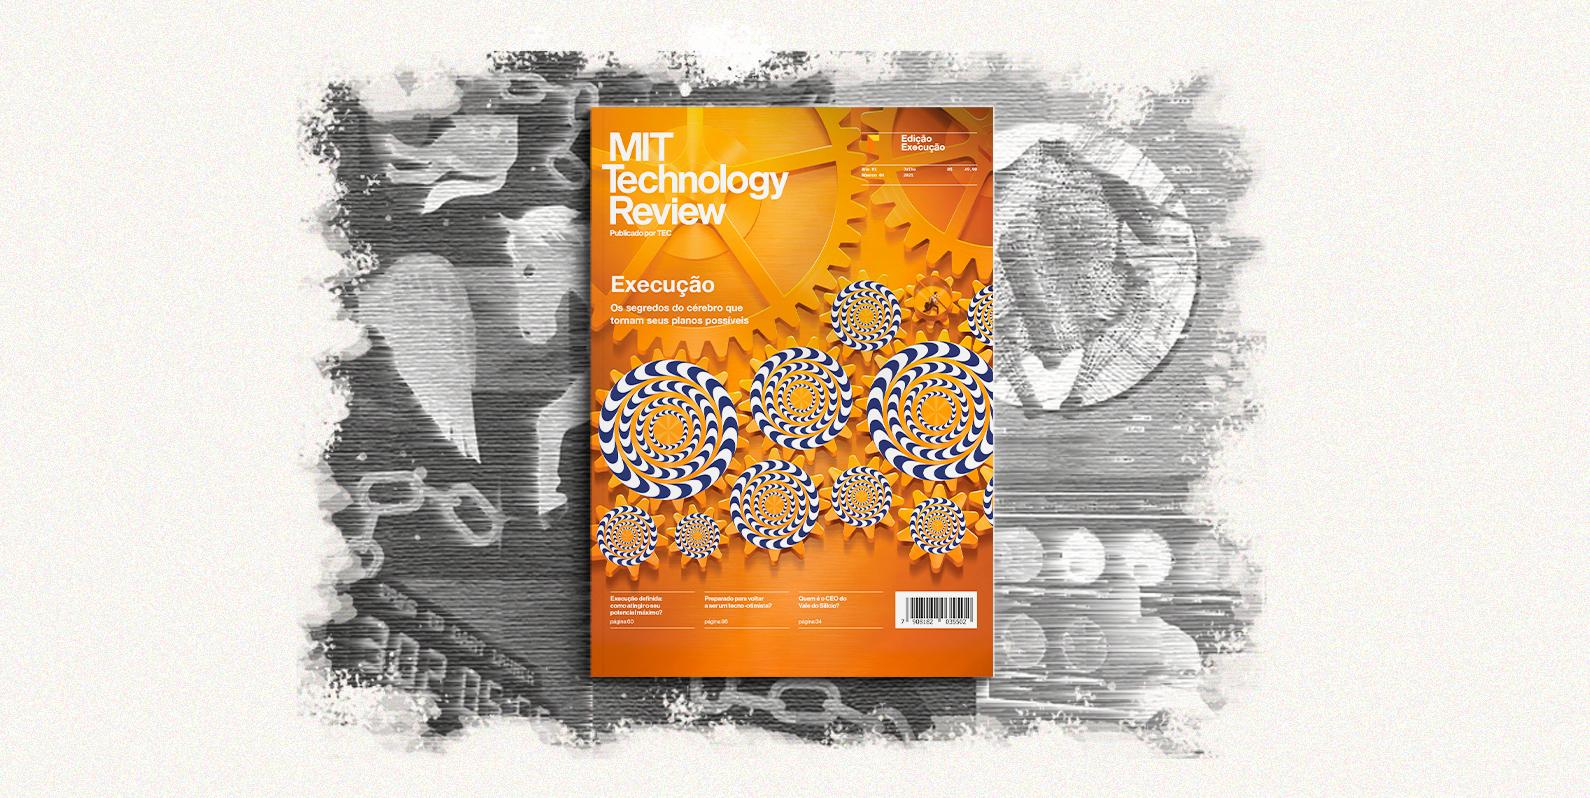 Execução, os segredos do cérebro que tornam seus planos reais: 4ª edição da MIT Technology Review Brasil